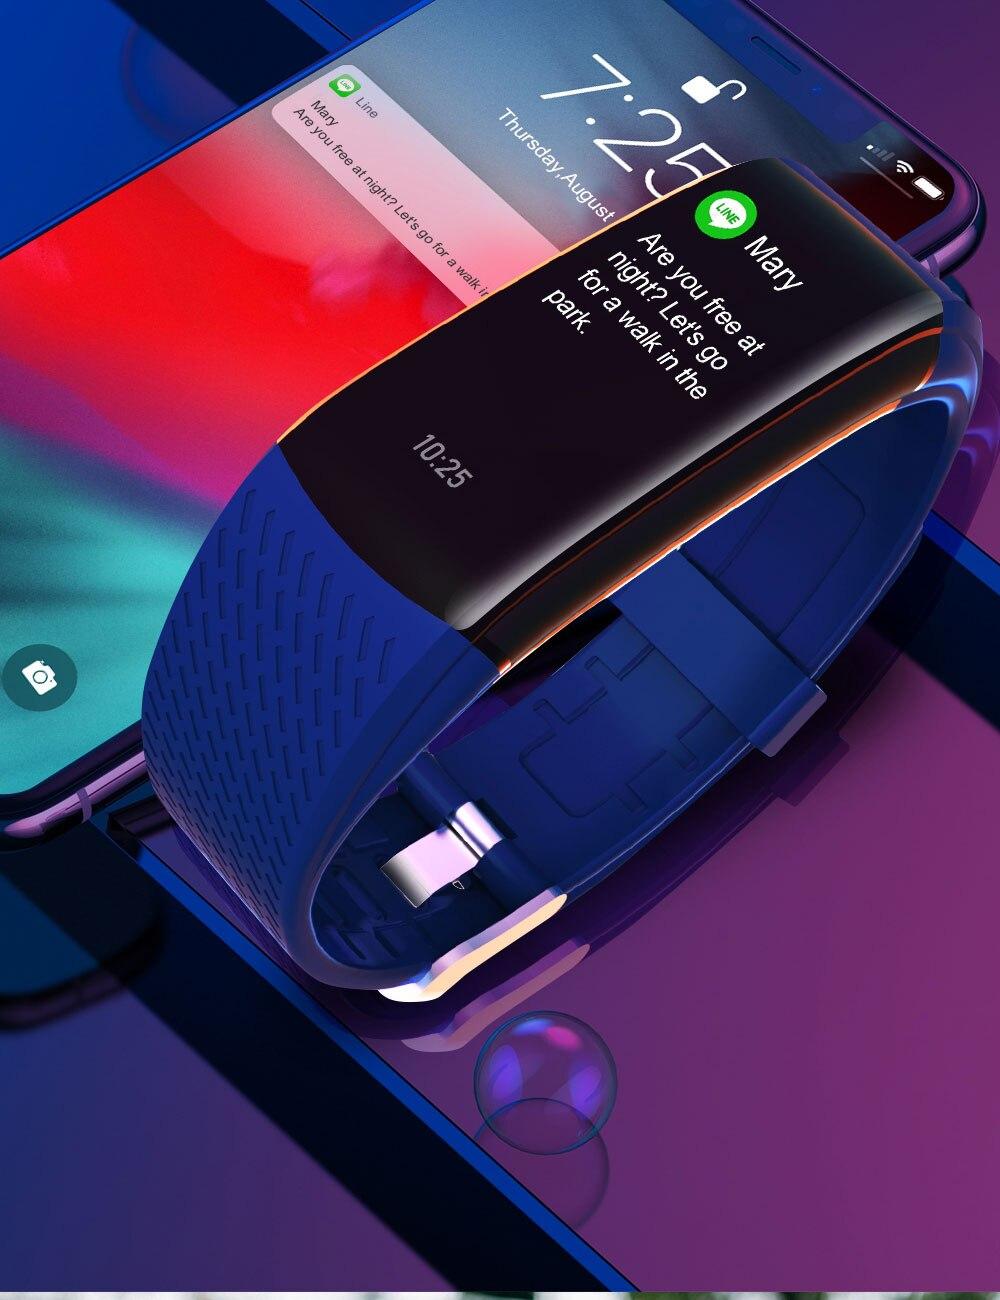 He8ae29da679e4f7baa765357abfce8efu Smart Fitness Bracelet Blood Pressure Measurement Fitness Tracker Waterproof Smart Band Watch Heart Rate Tracker For Women Men